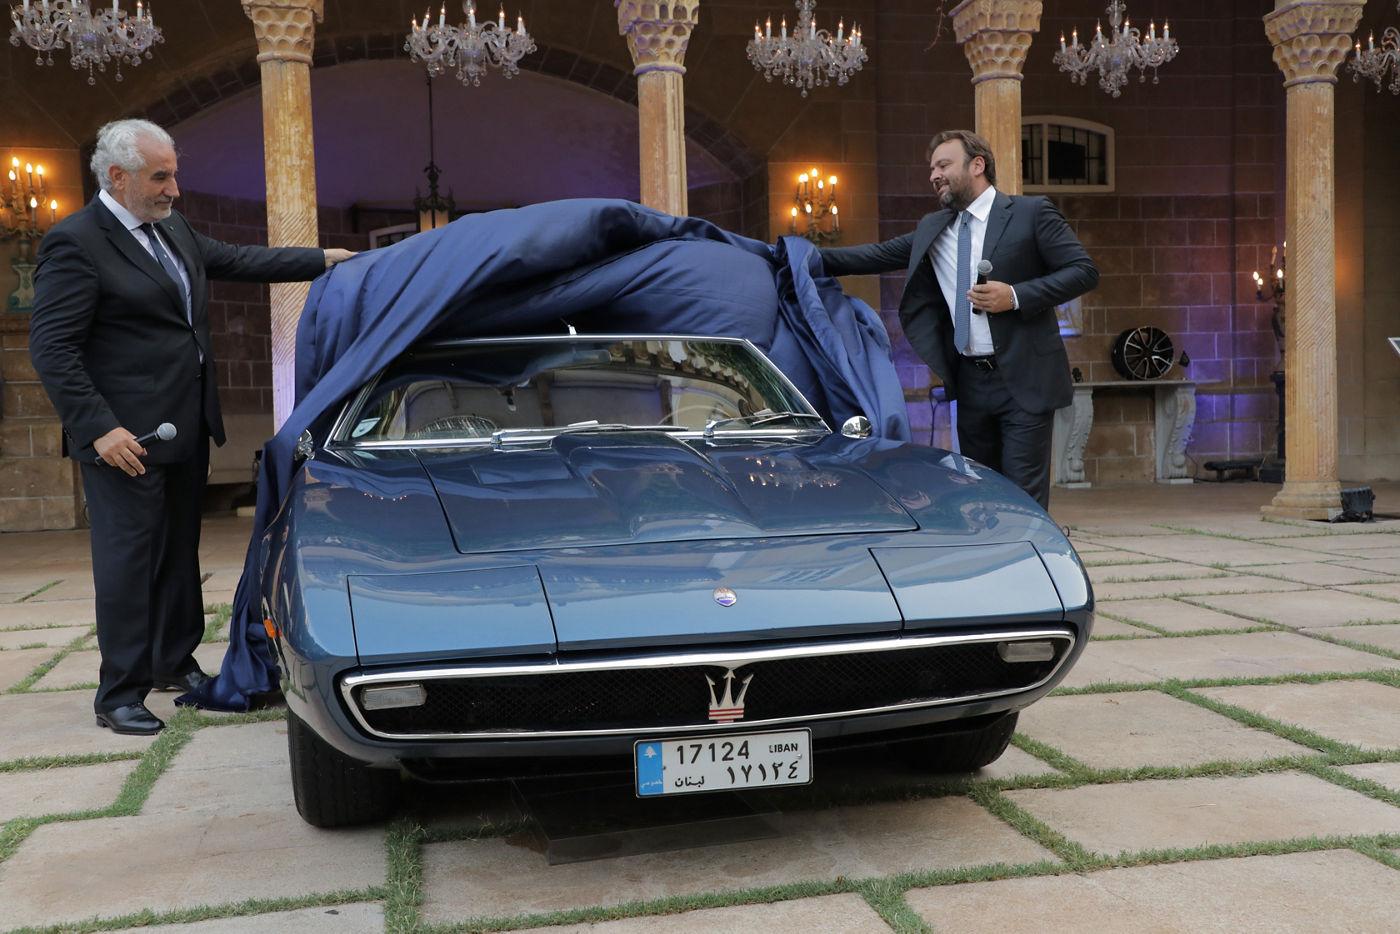 Nabil Bazerji, MD Bazerji & Fils, Umberto Cini, GM Maserati EMEA enthüllen den ersten verkauften Maserati, einen 1968 Ghibli